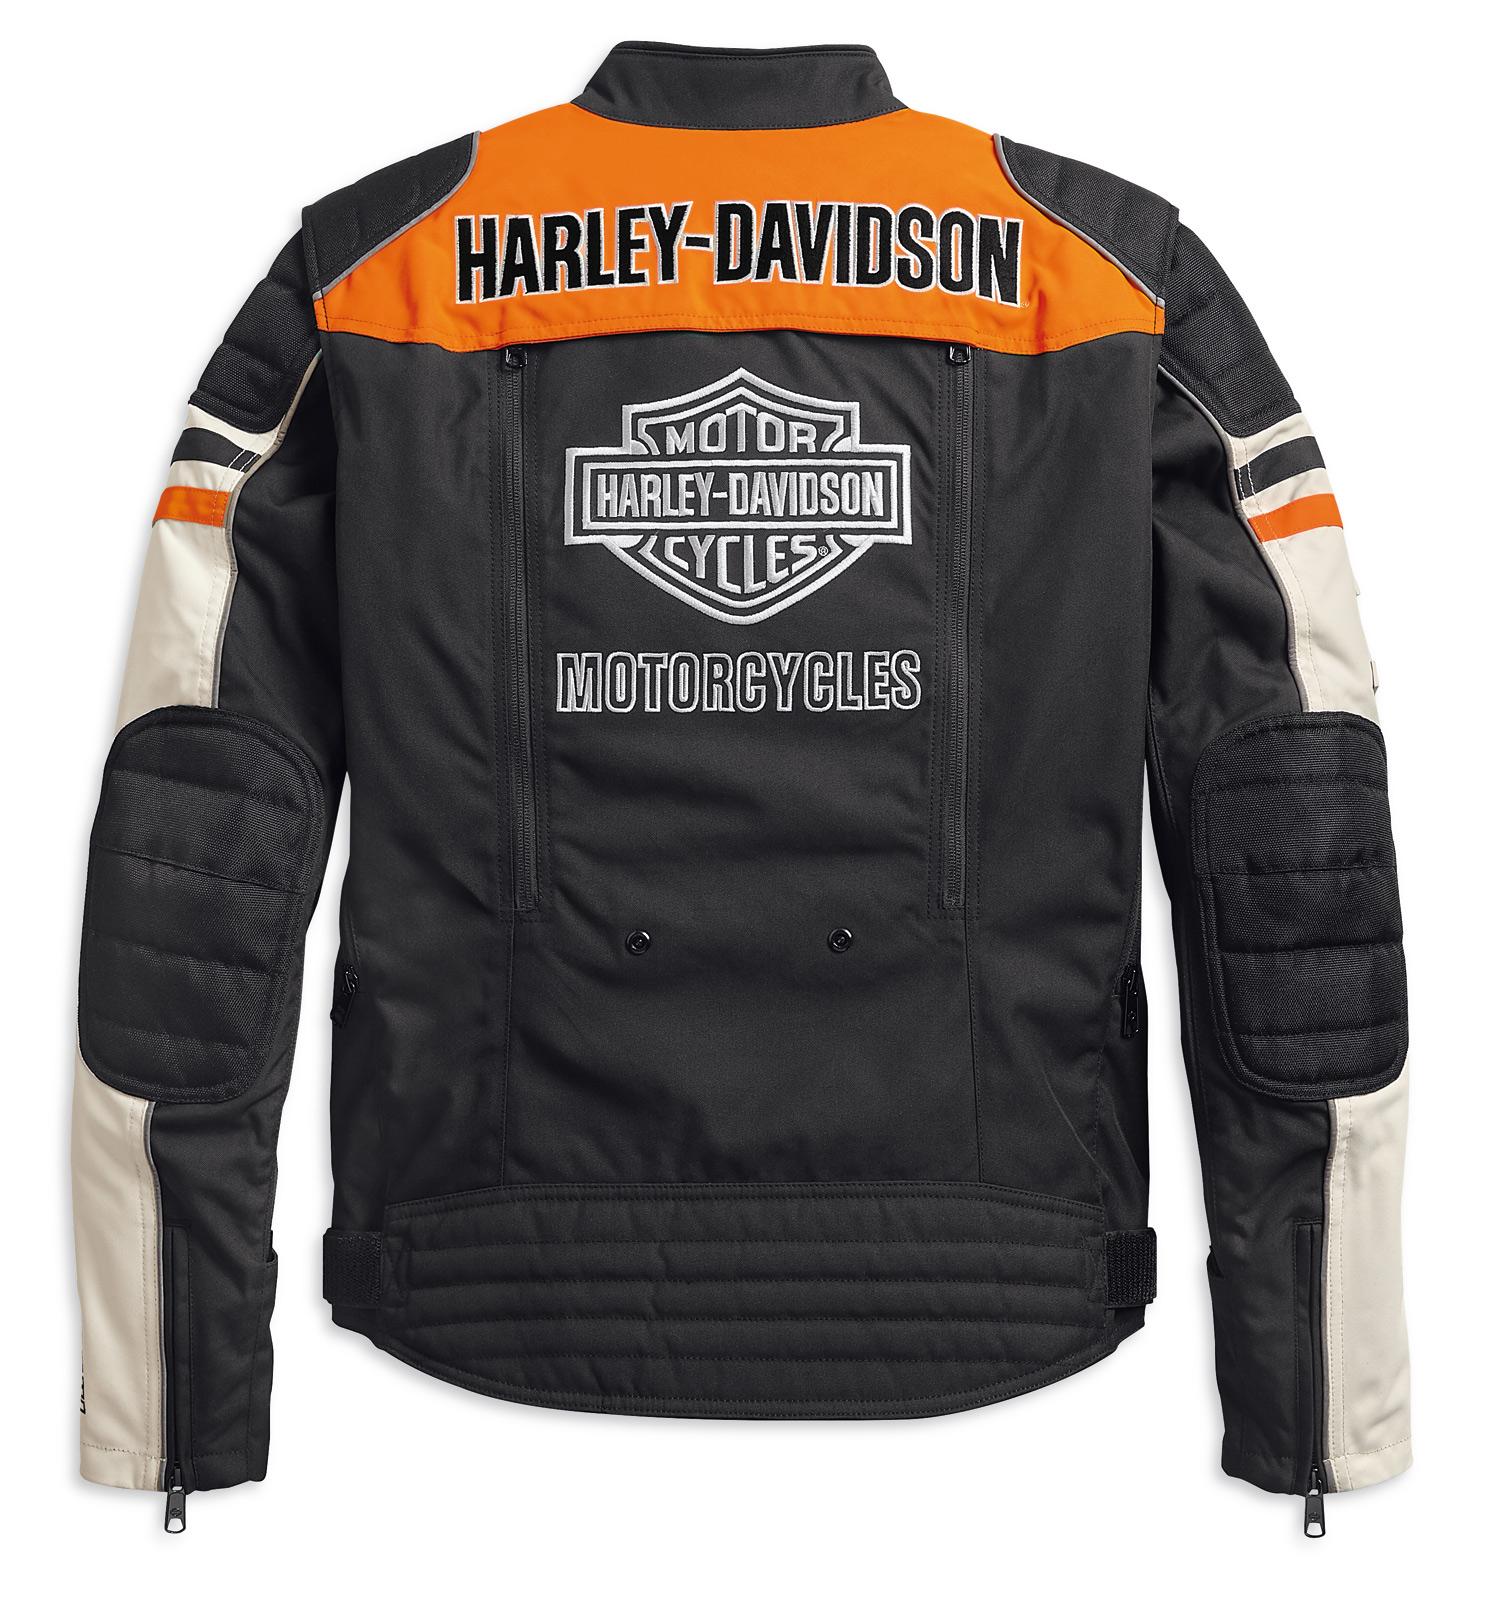 98393 19em harley davidson textil motorradjacke metonga. Black Bedroom Furniture Sets. Home Design Ideas